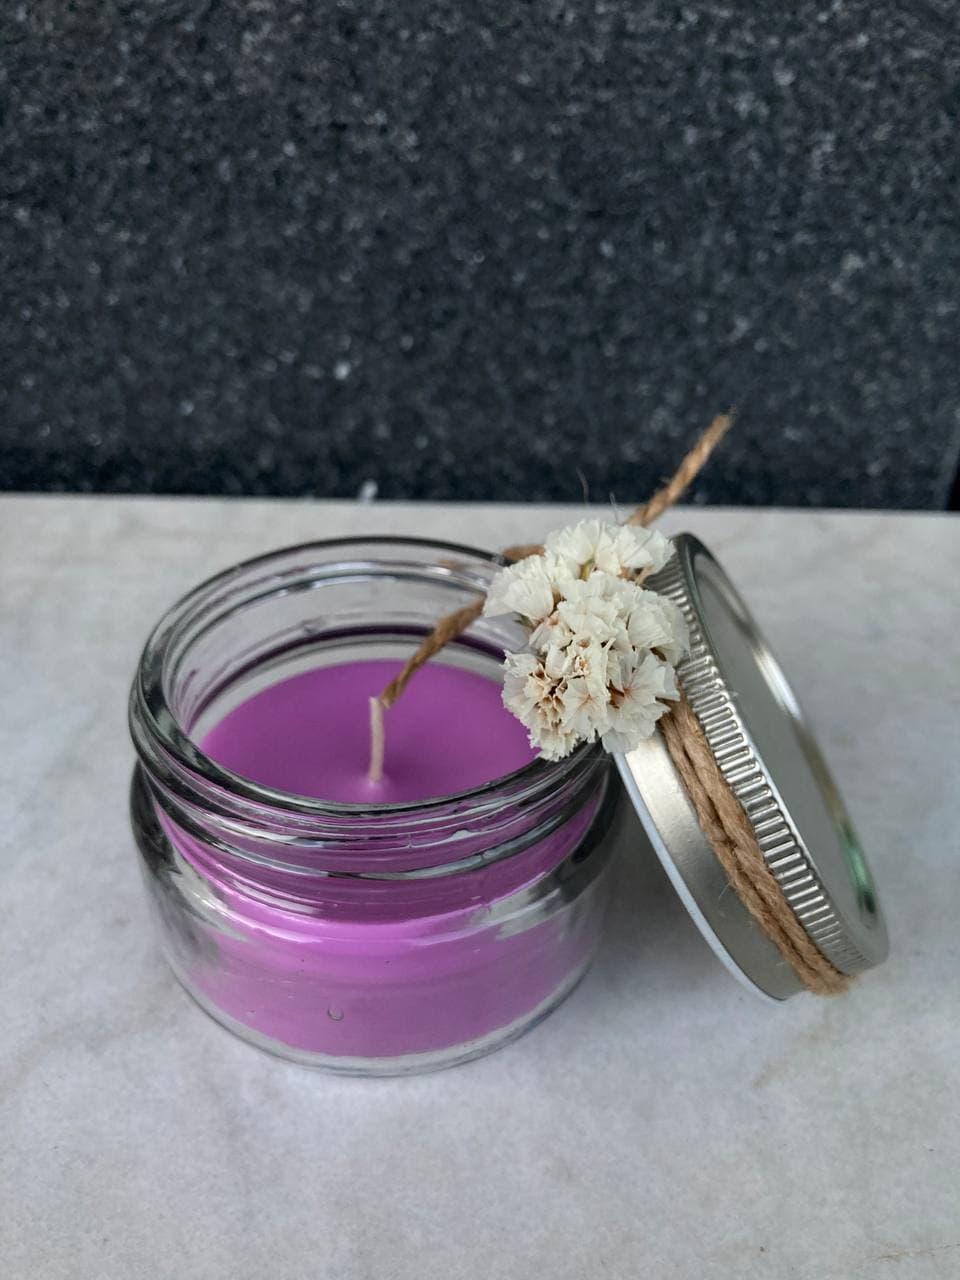 شمع  بنفش شیشه ای با گل خشک